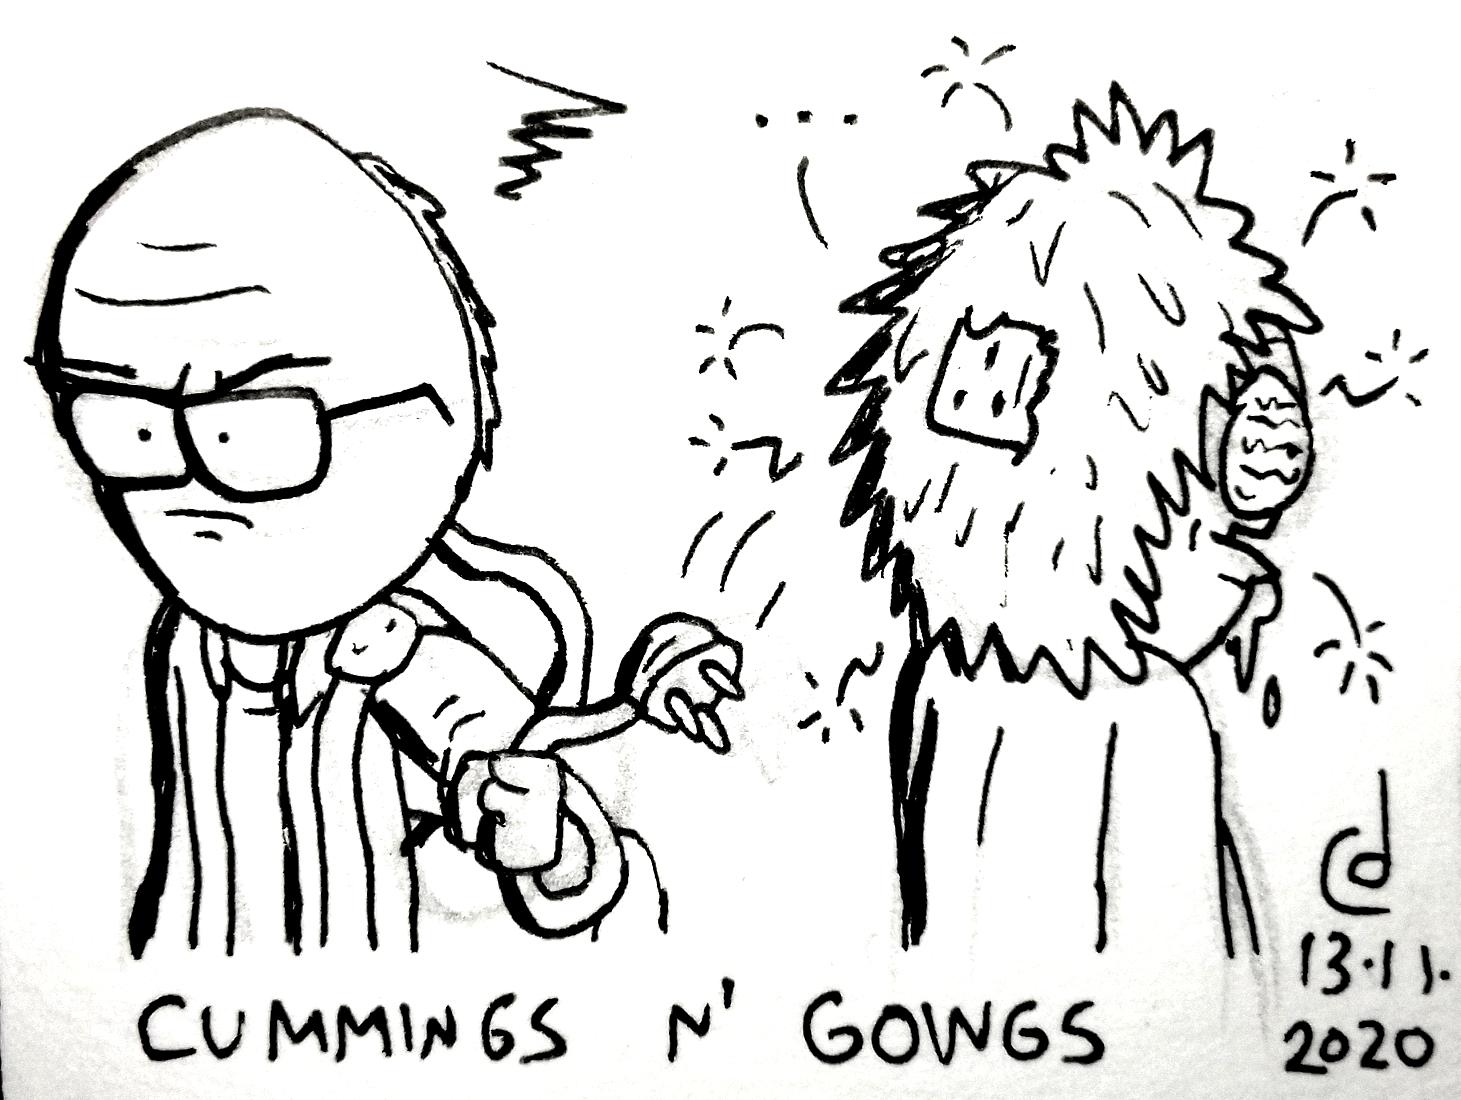 Cummings n' Goings